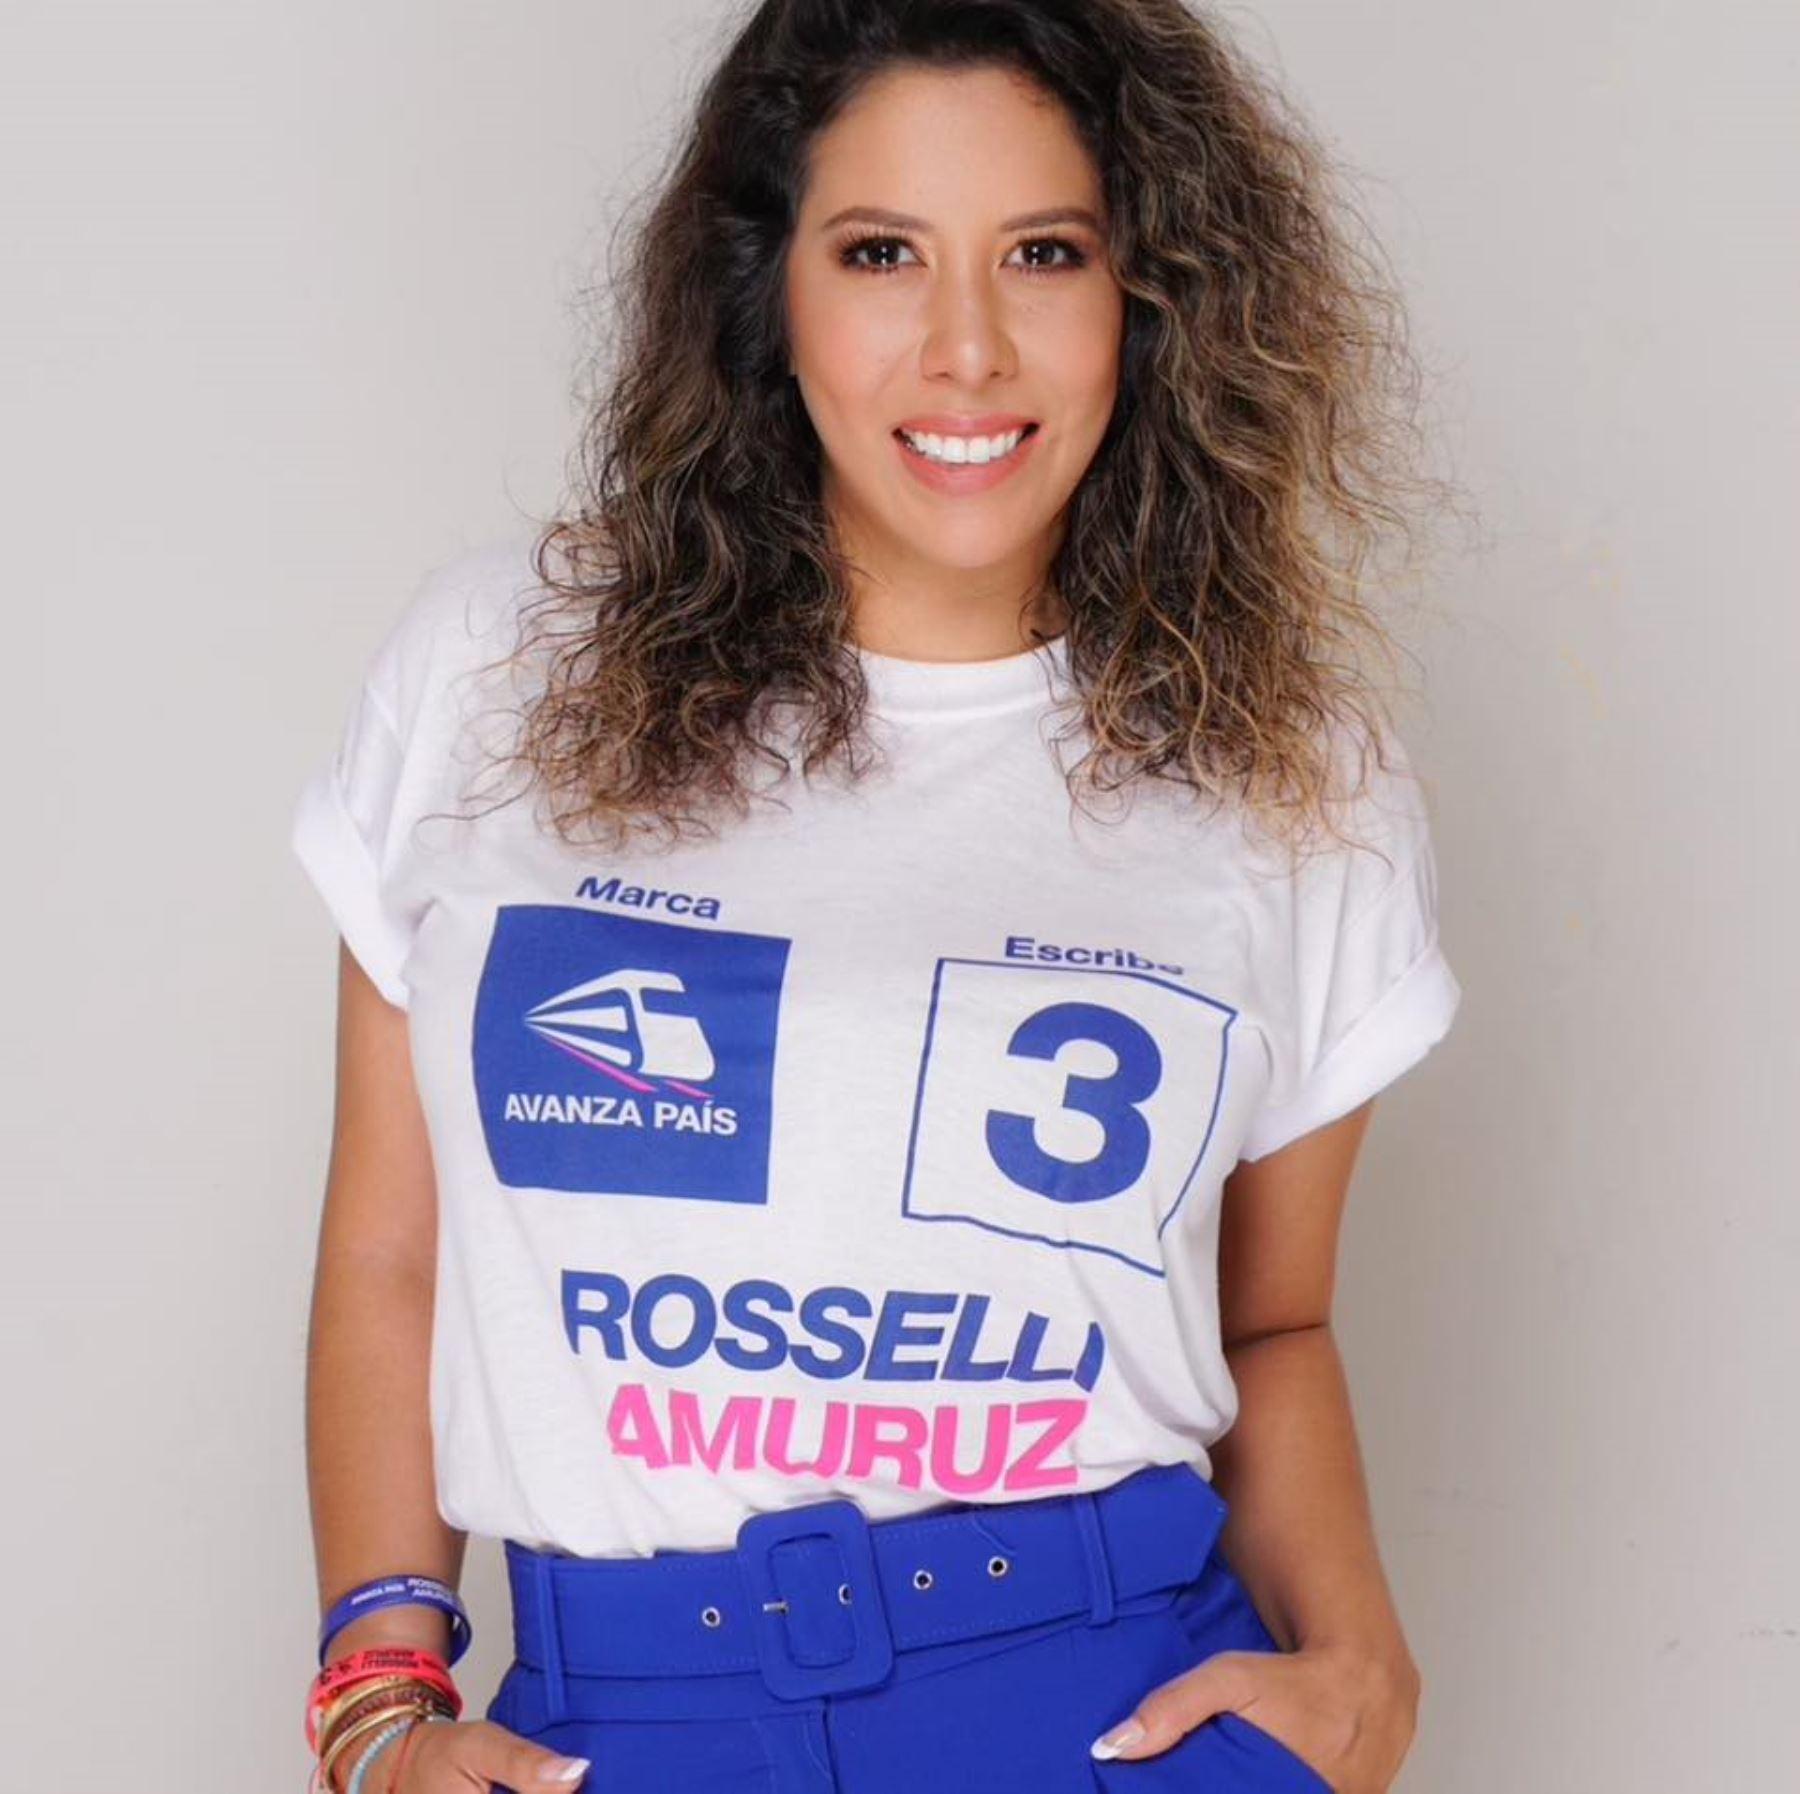 Rosselli Amuruz, candidata al Congreso con el número 3 de Avanza País.